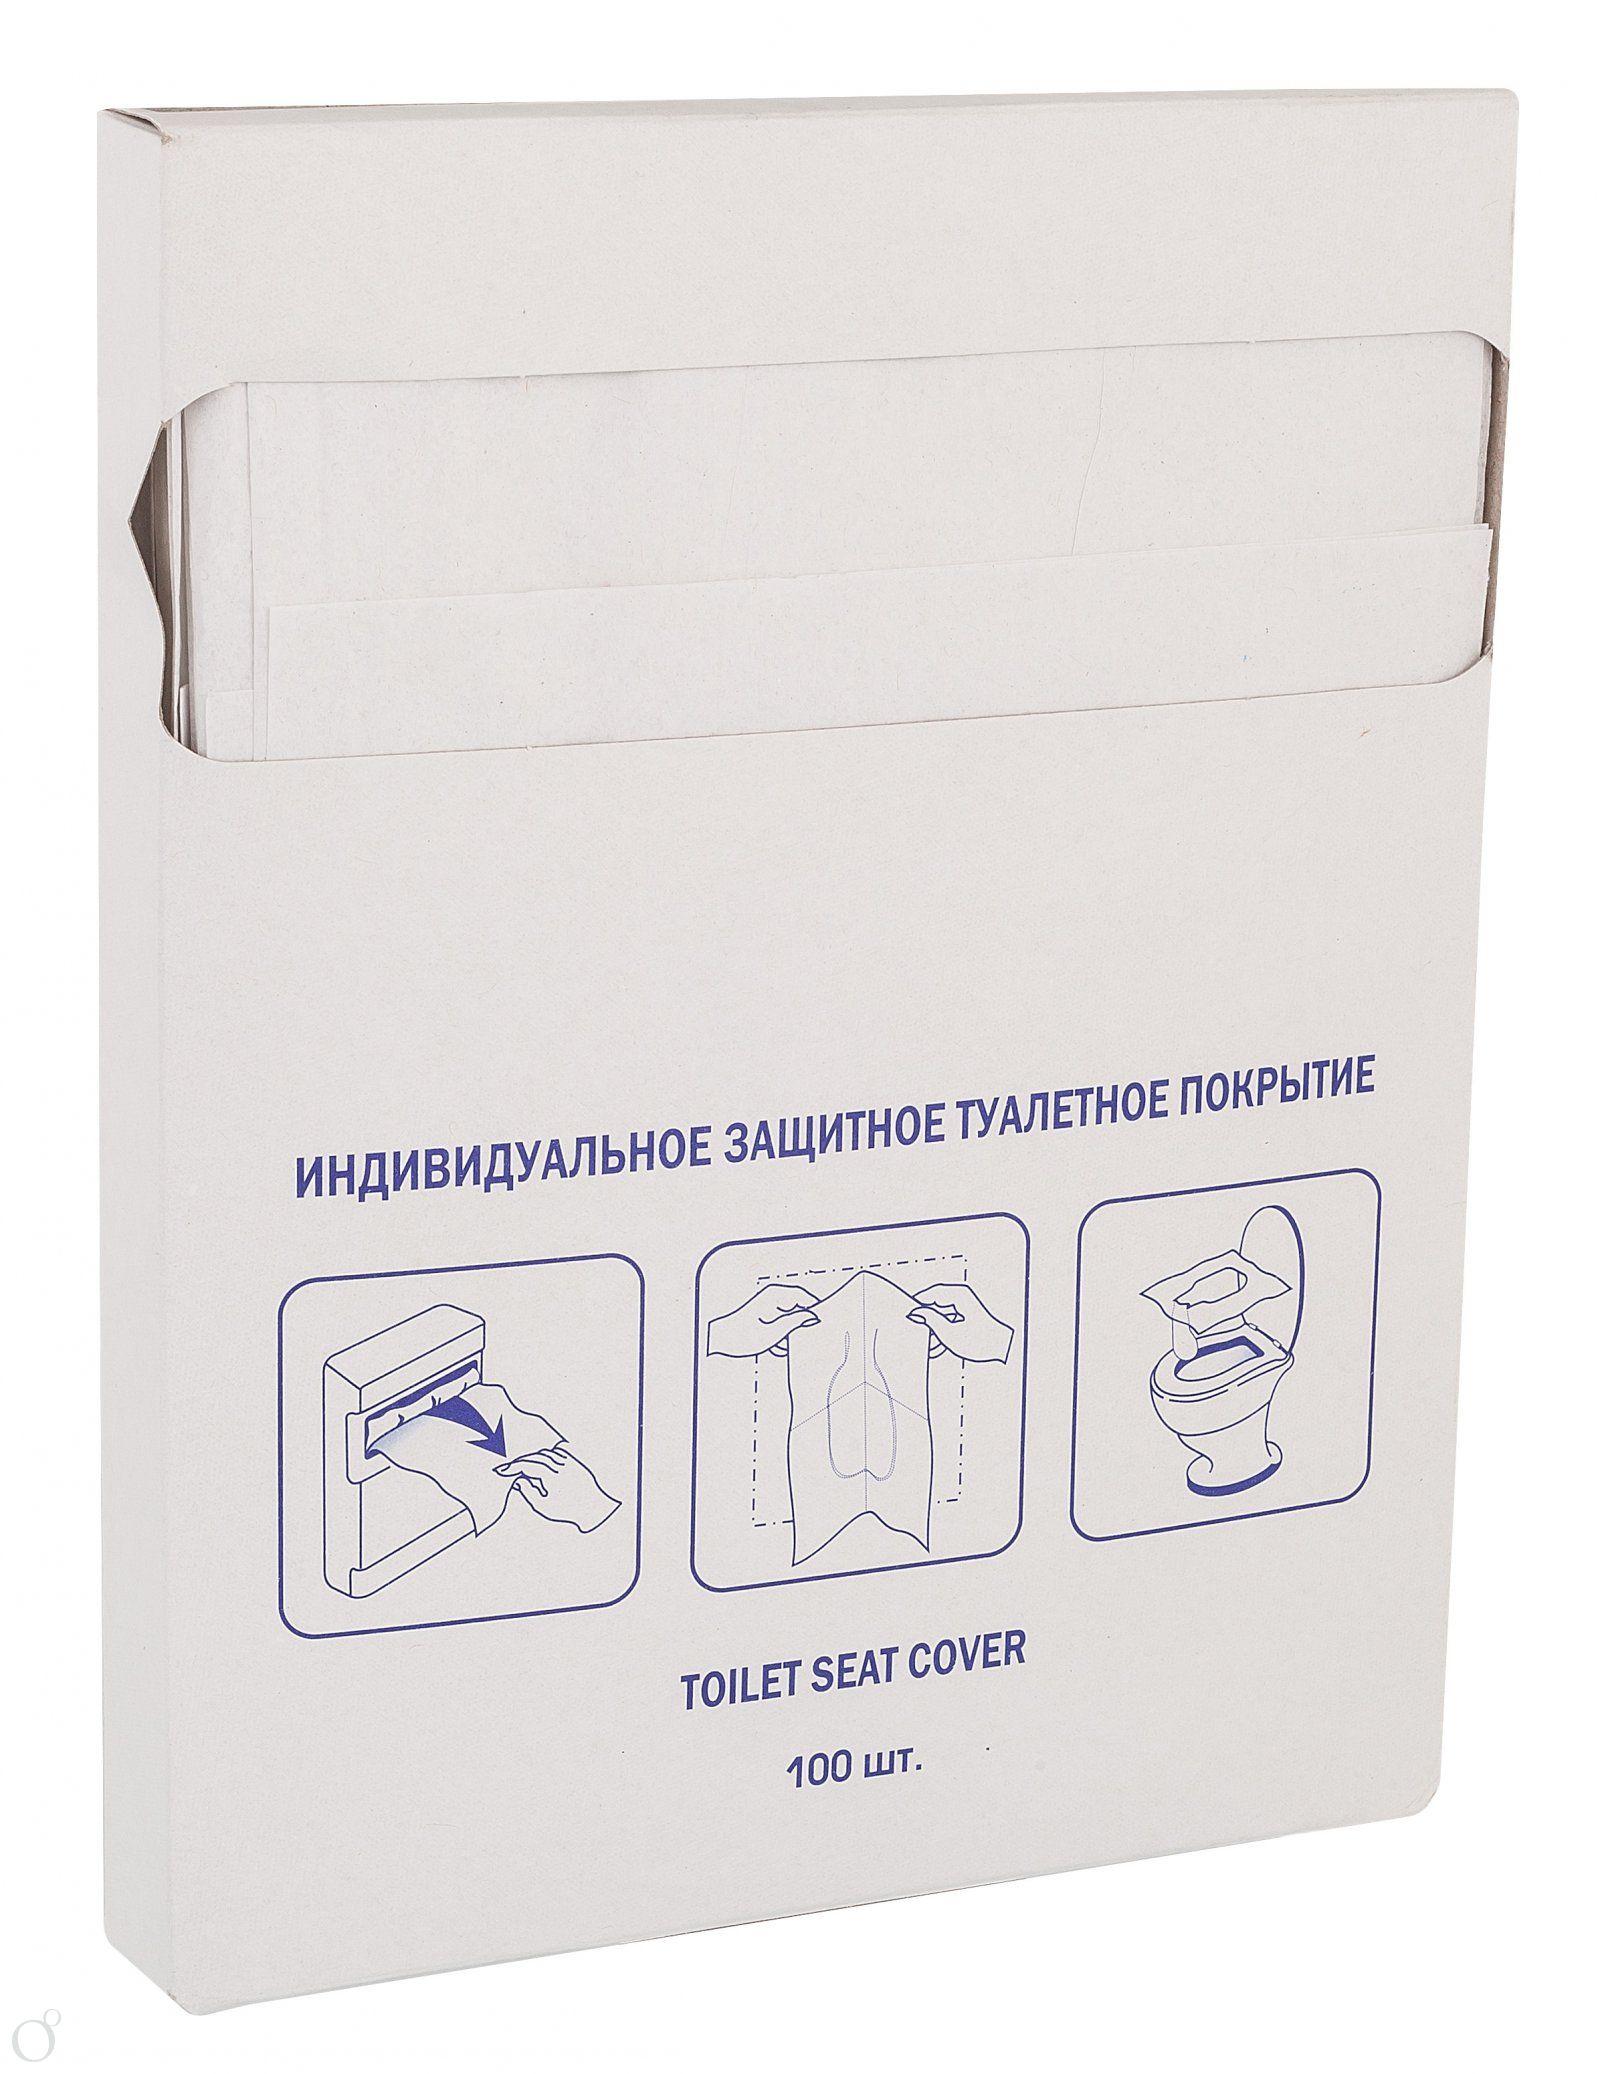 Покрытия на унитаз бумажные, белые, в картонном держателе (малый), 100шт/уп